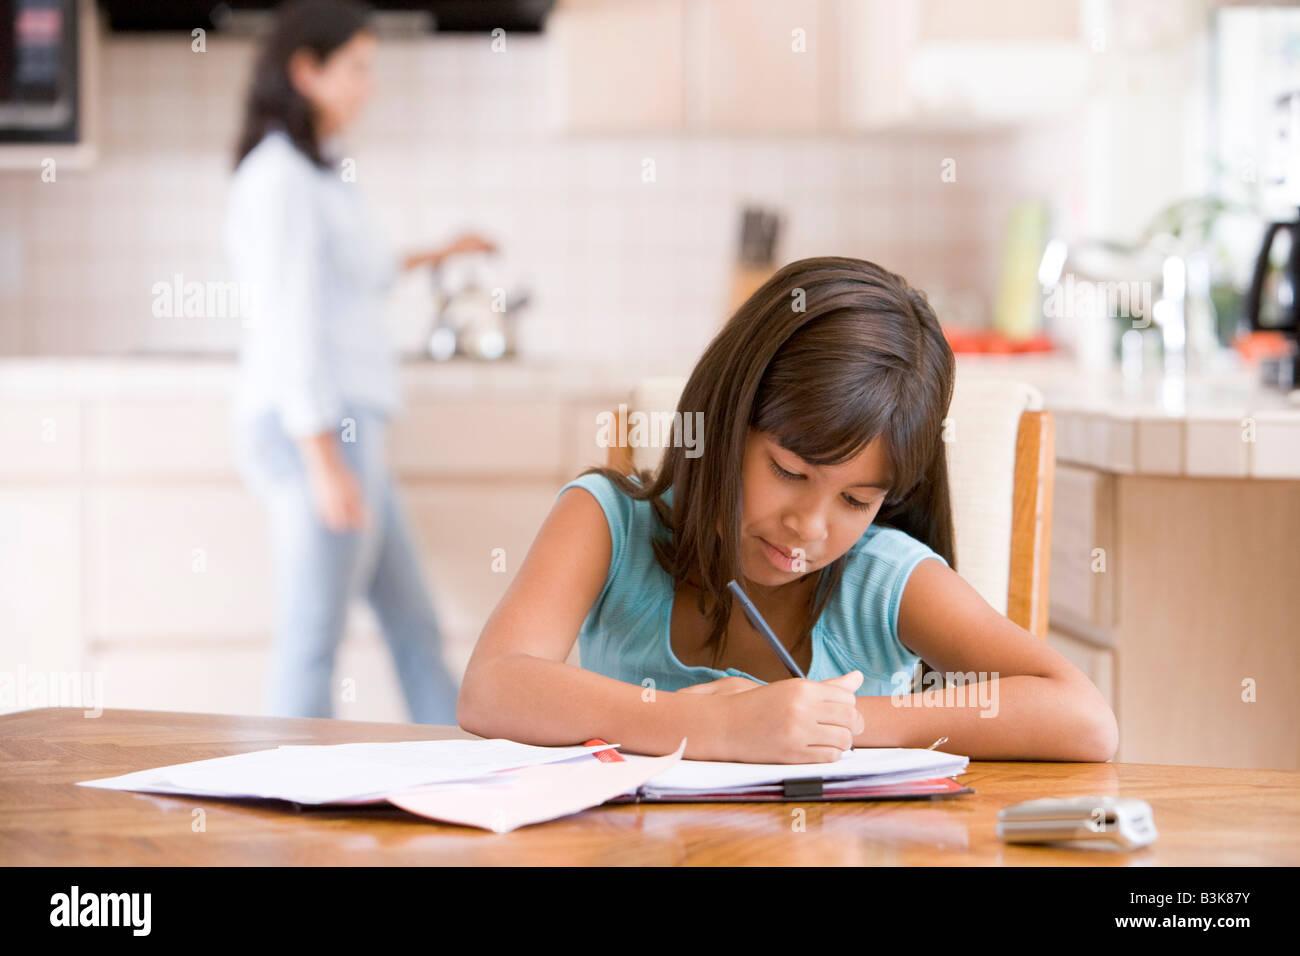 Junges Mädchen in der Küche, die Hausaufgaben mit Frau im Hintergrund Stockbild